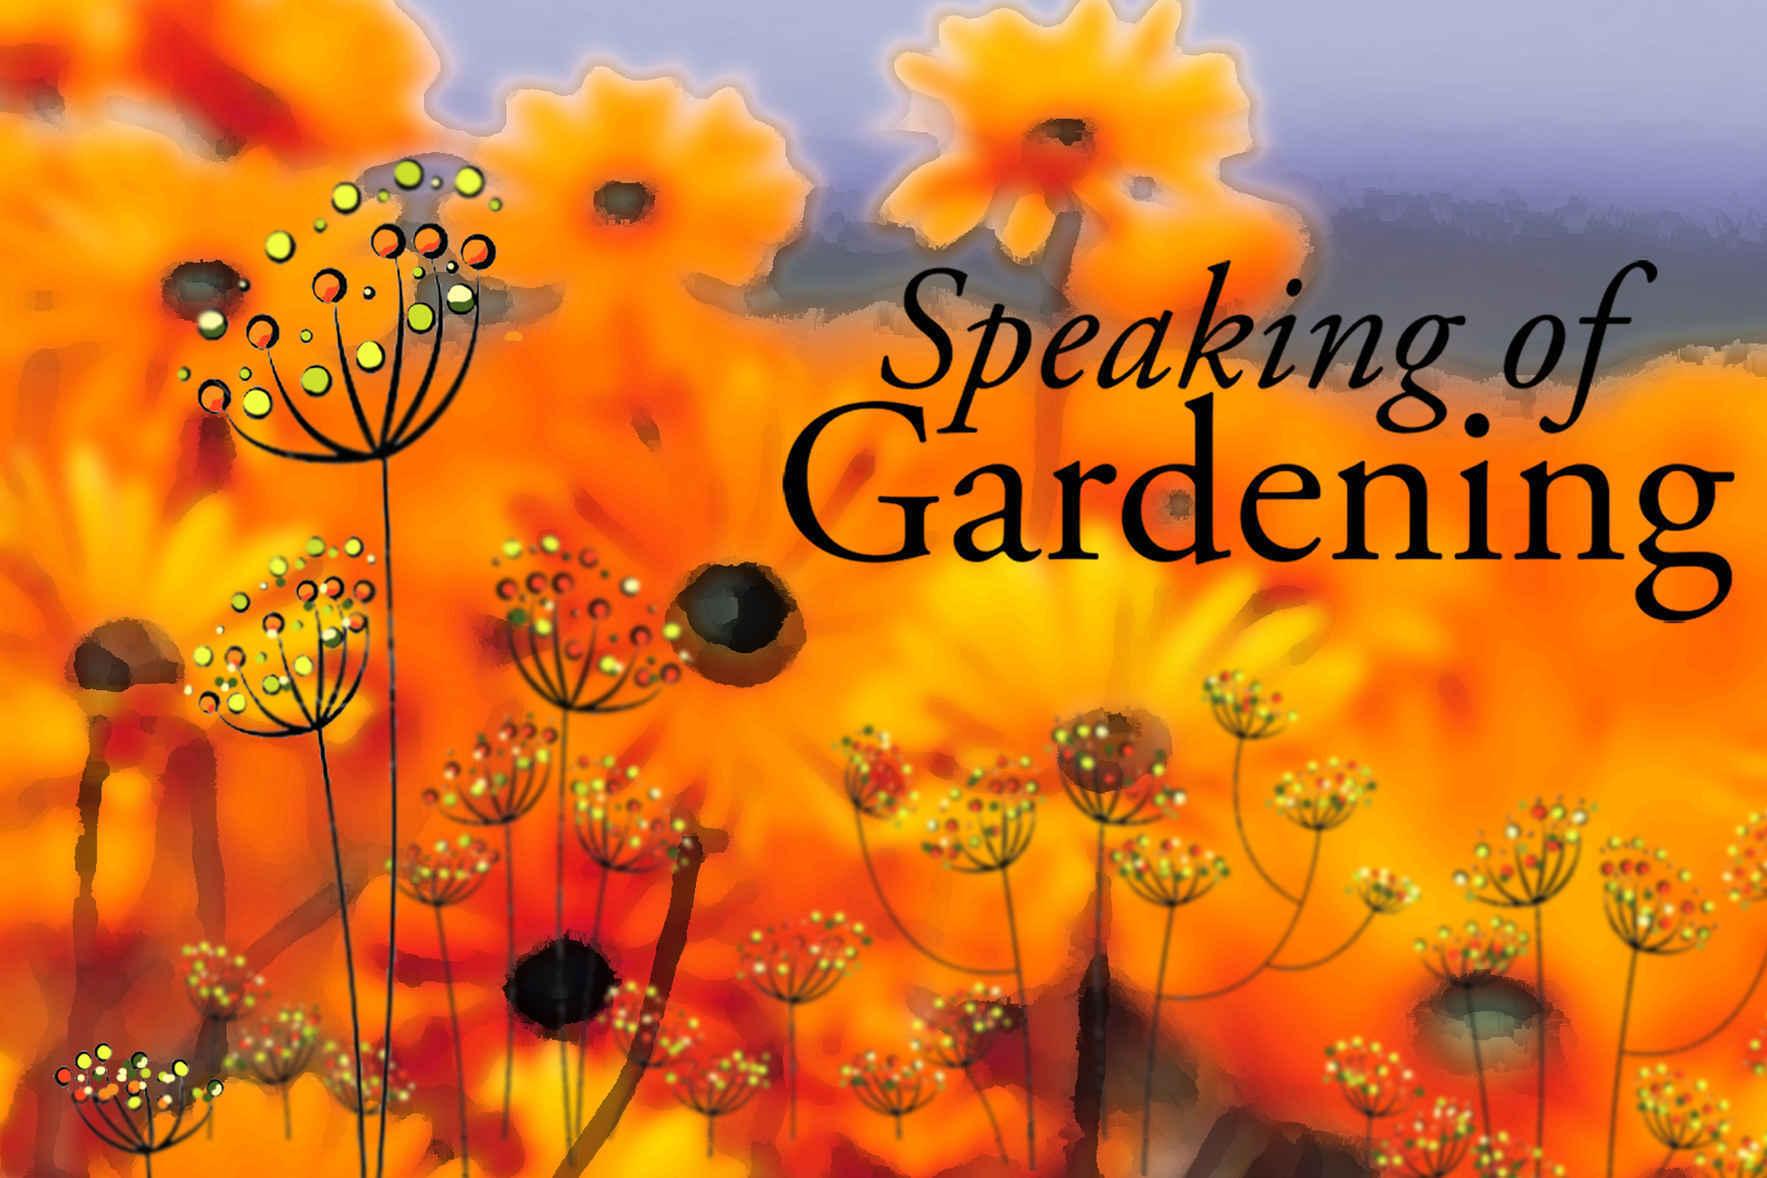 Speaking of Gardening 2019 image